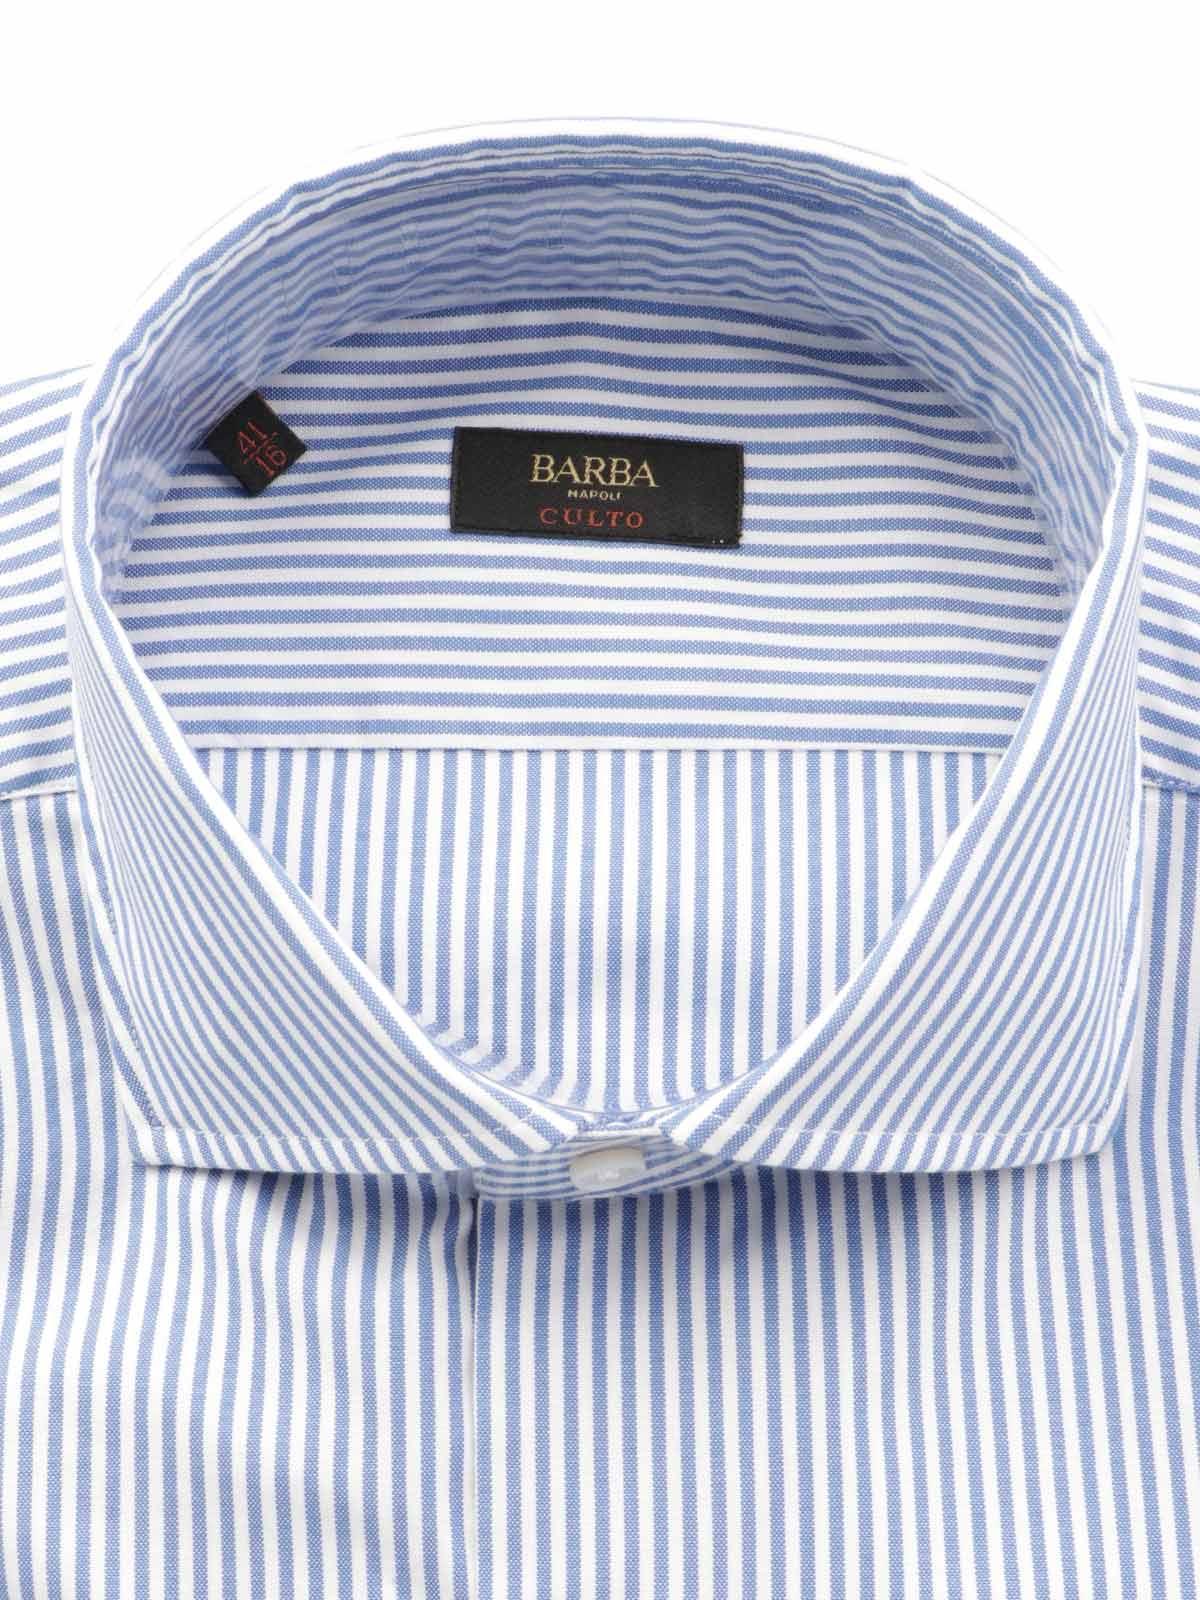 Picture of Barba | Camicie Camicia Kulto